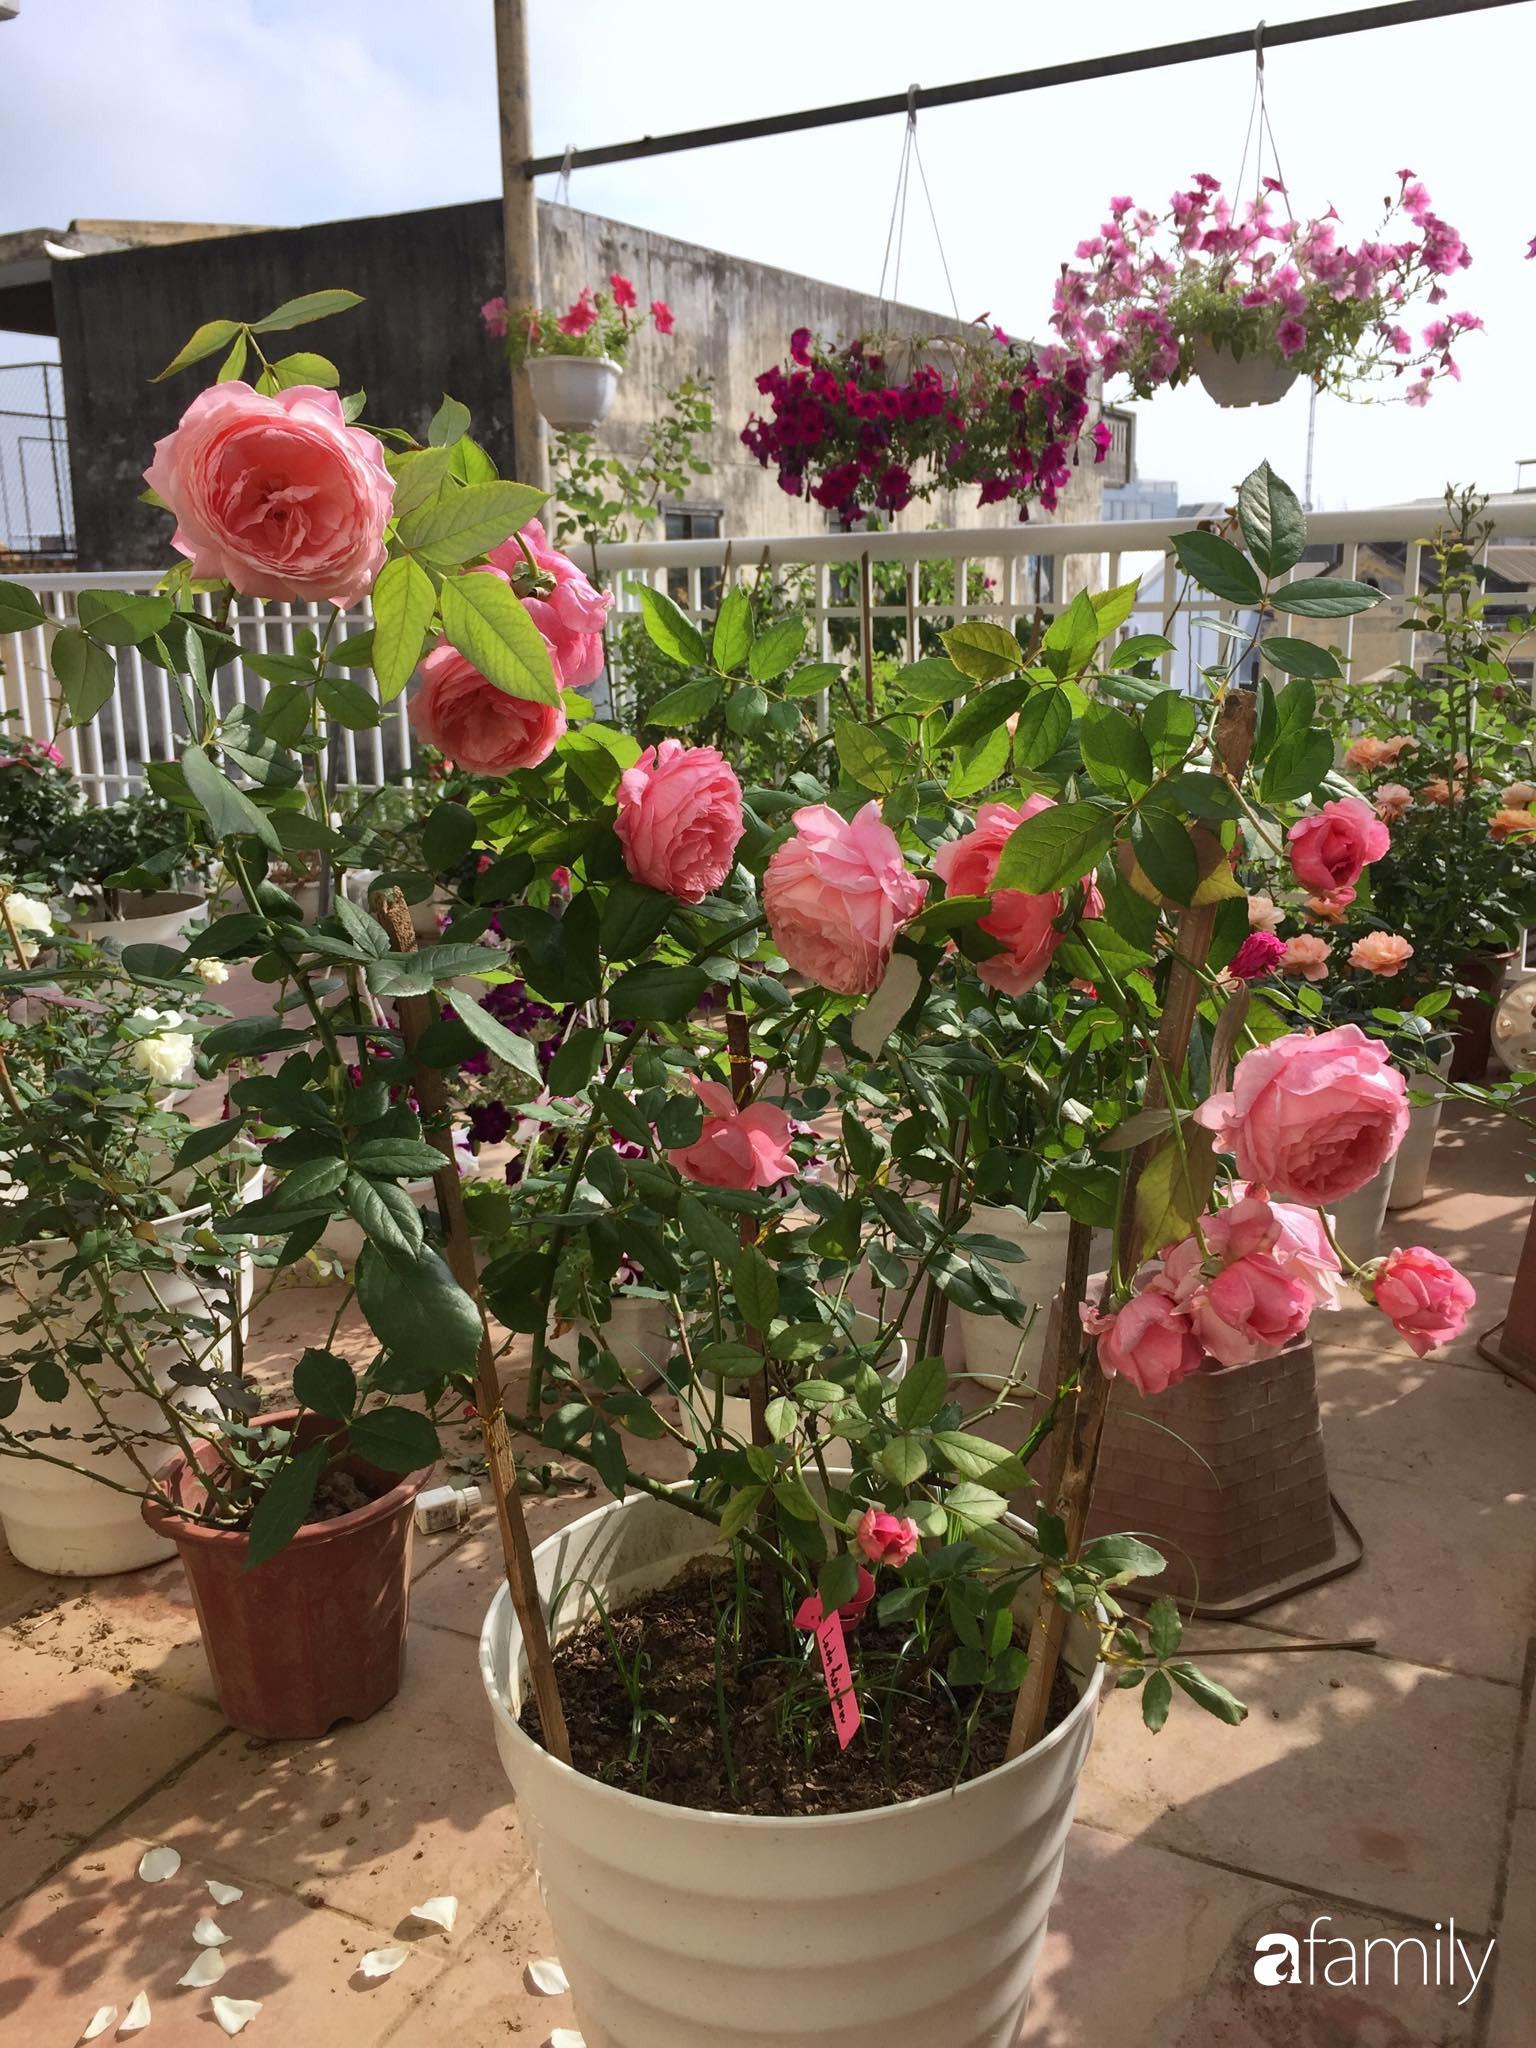 Mê hoa hồng, cô gái trẻ xứ Huế quyết tâm thức khuya dậy sớm tạo cả vườn hồng rực rỡ trên sân thượng - Ảnh 6.